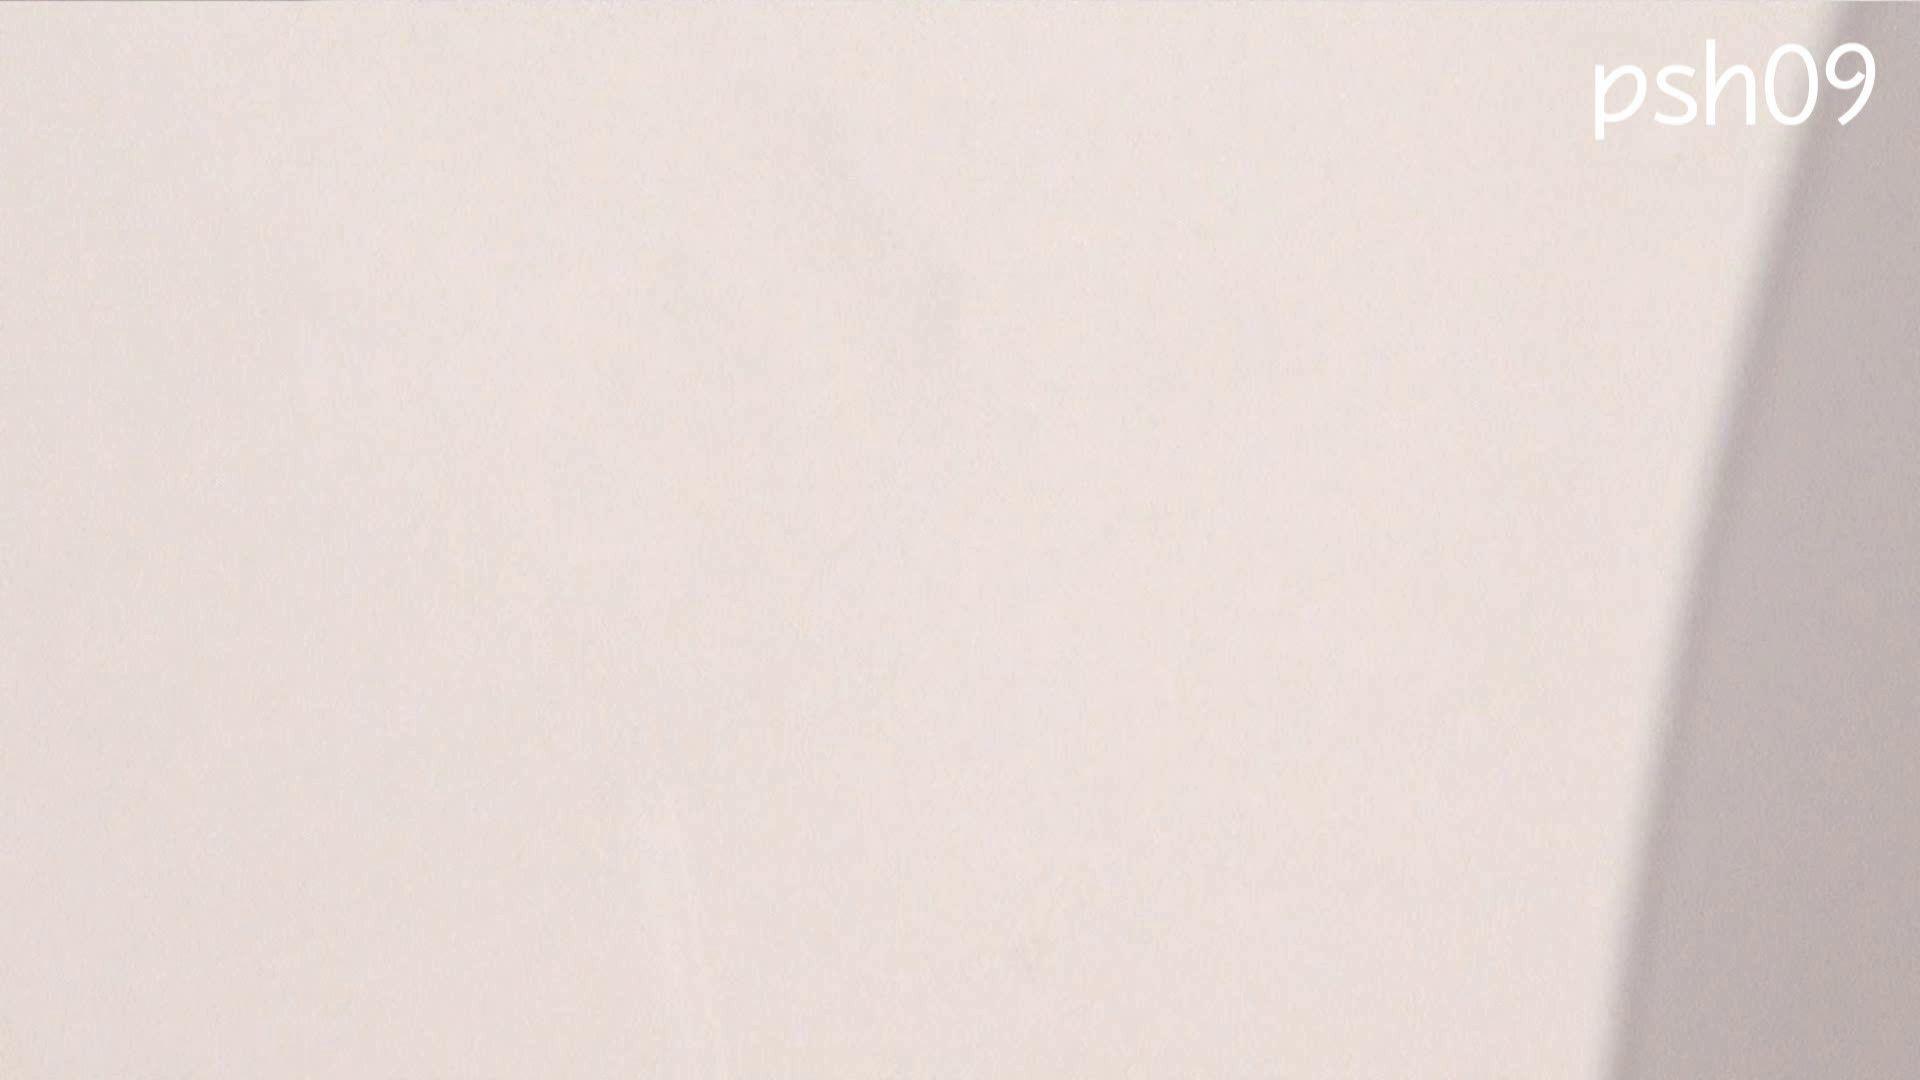 ▲復活限定▲ハイビジョン 盗神伝 Vol.9 色っぽいOL達  48pic 22